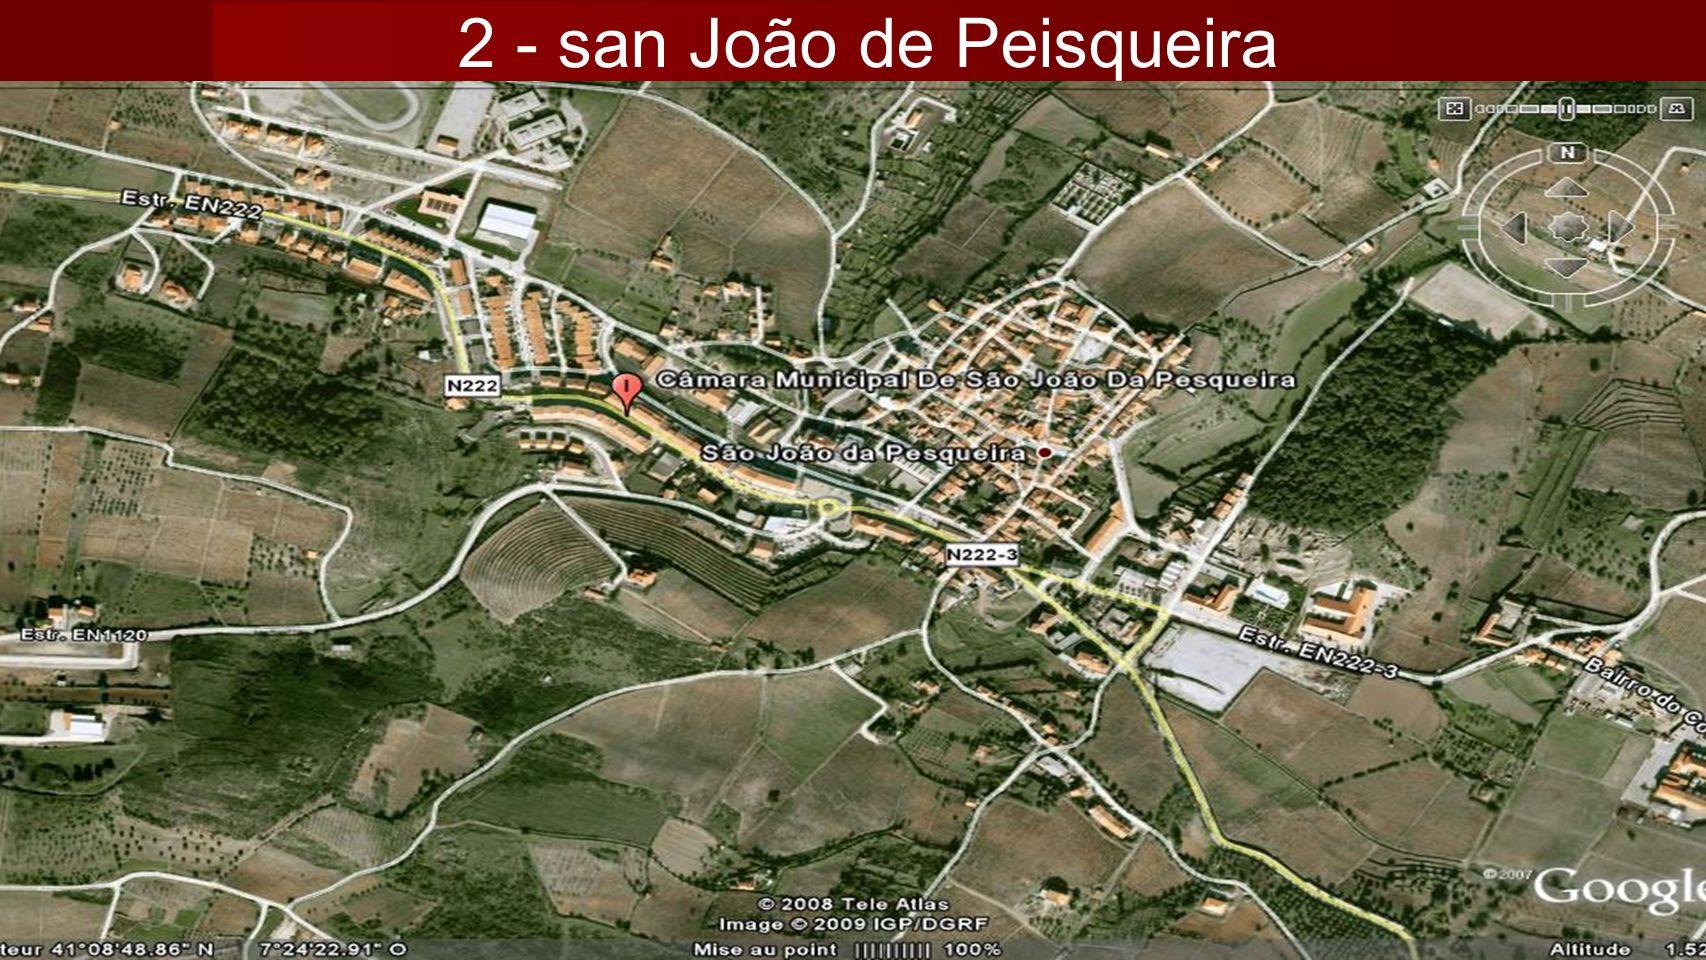 2 - san João de Peisqueira